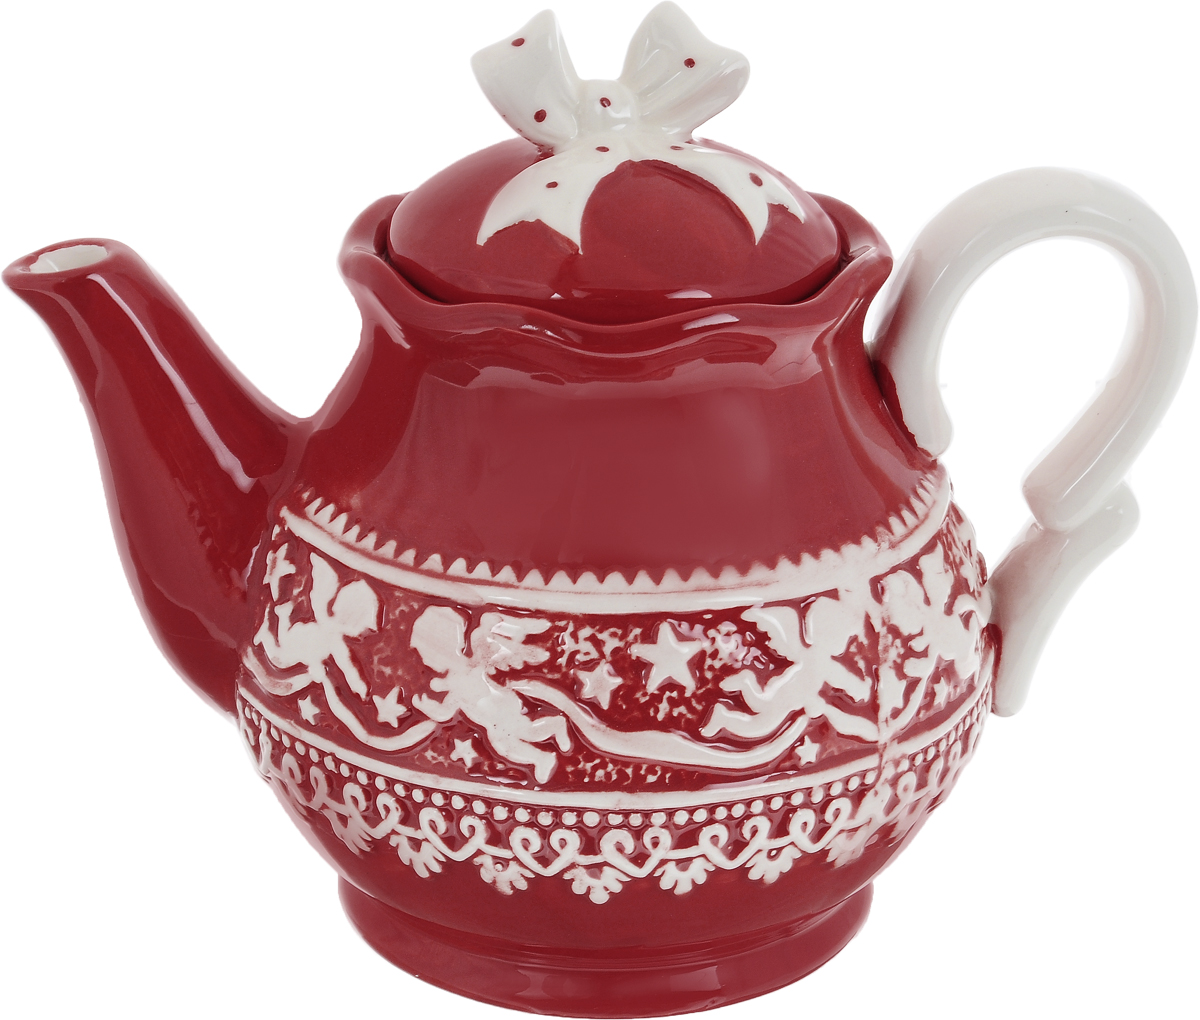 Чайник заварочный Family & Friends Рождественский узор, 1 лNH15B610R..Чайник заварочный Family & Friends Рождественский узор изготовлен из качественной глазурованной керамики. Внешние стенки изделия декорированы красивым рельефным орнаментом в виде ангелочков. Чайник снабжен удобной ручкой, носиком и крышкой. Такой заварочный чайник красиво дополнит сервировку стола к чаепитию и станет полезным приобретением для любой хозяйки. Отличный подарок к любому случаю. Не рекомендуется использовать в микроволновой печи и мыть в посудомоечной машине.